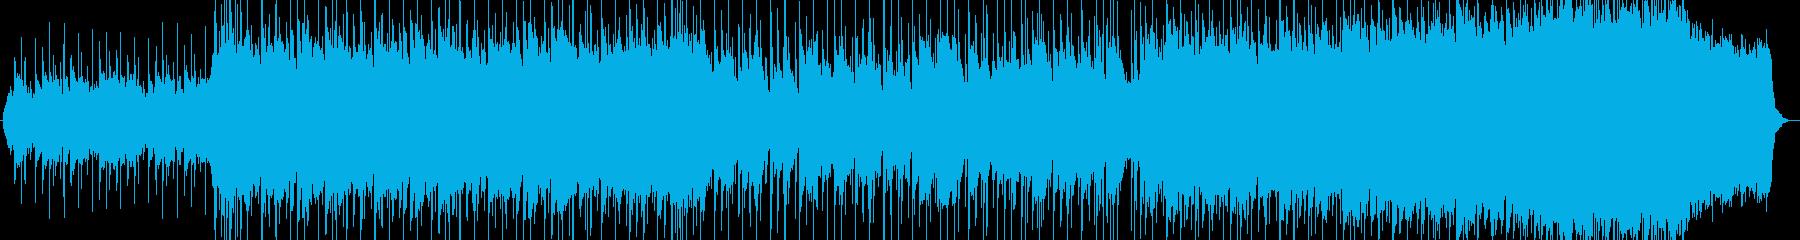 叙情的なヴァイオリンの旋律のバラードの再生済みの波形